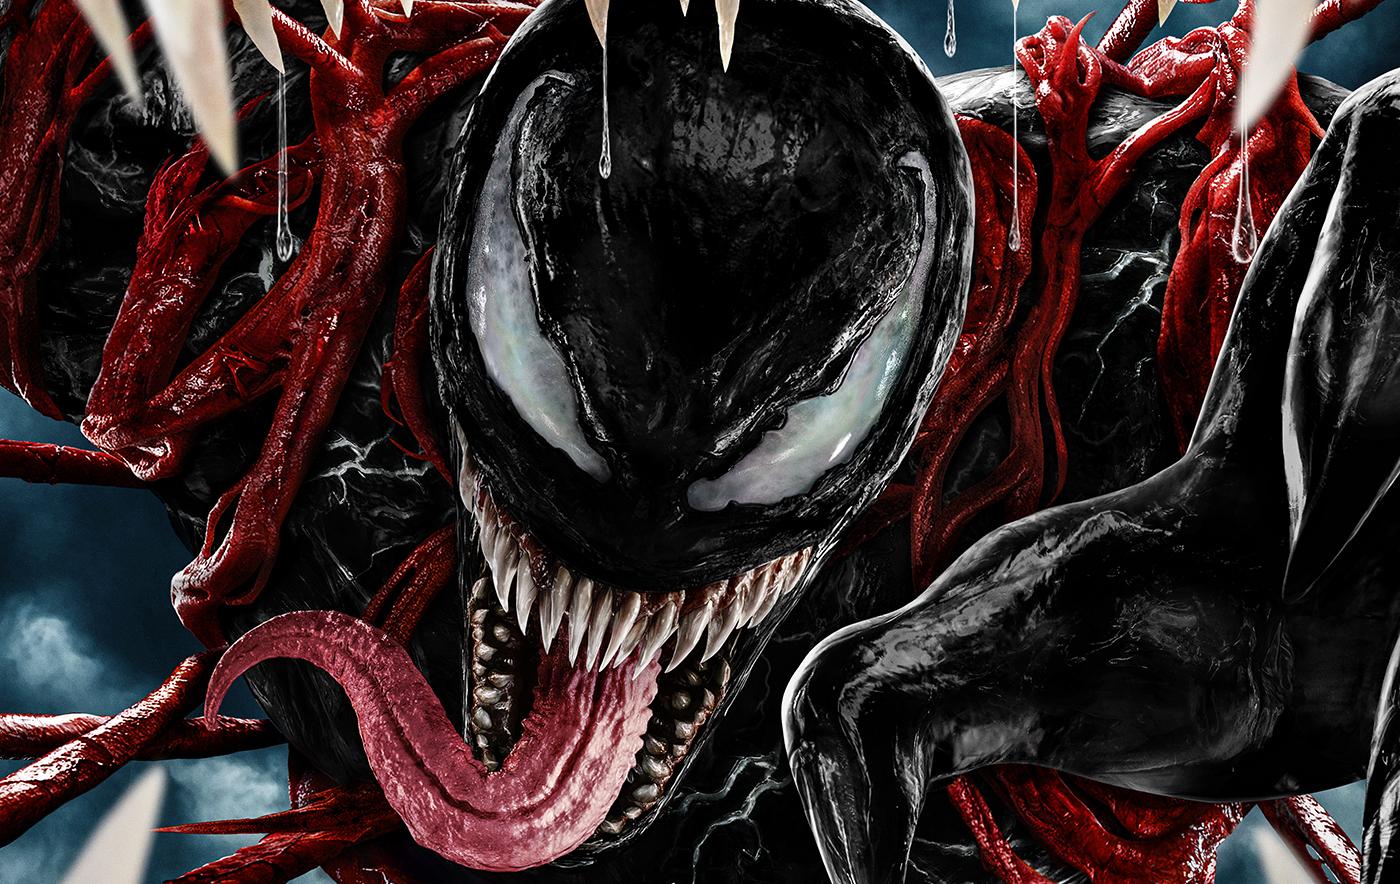 Venom La furia di Carnage la carneficina ha inizio nel nuovo trailer del cinecomic con Tom Hardy